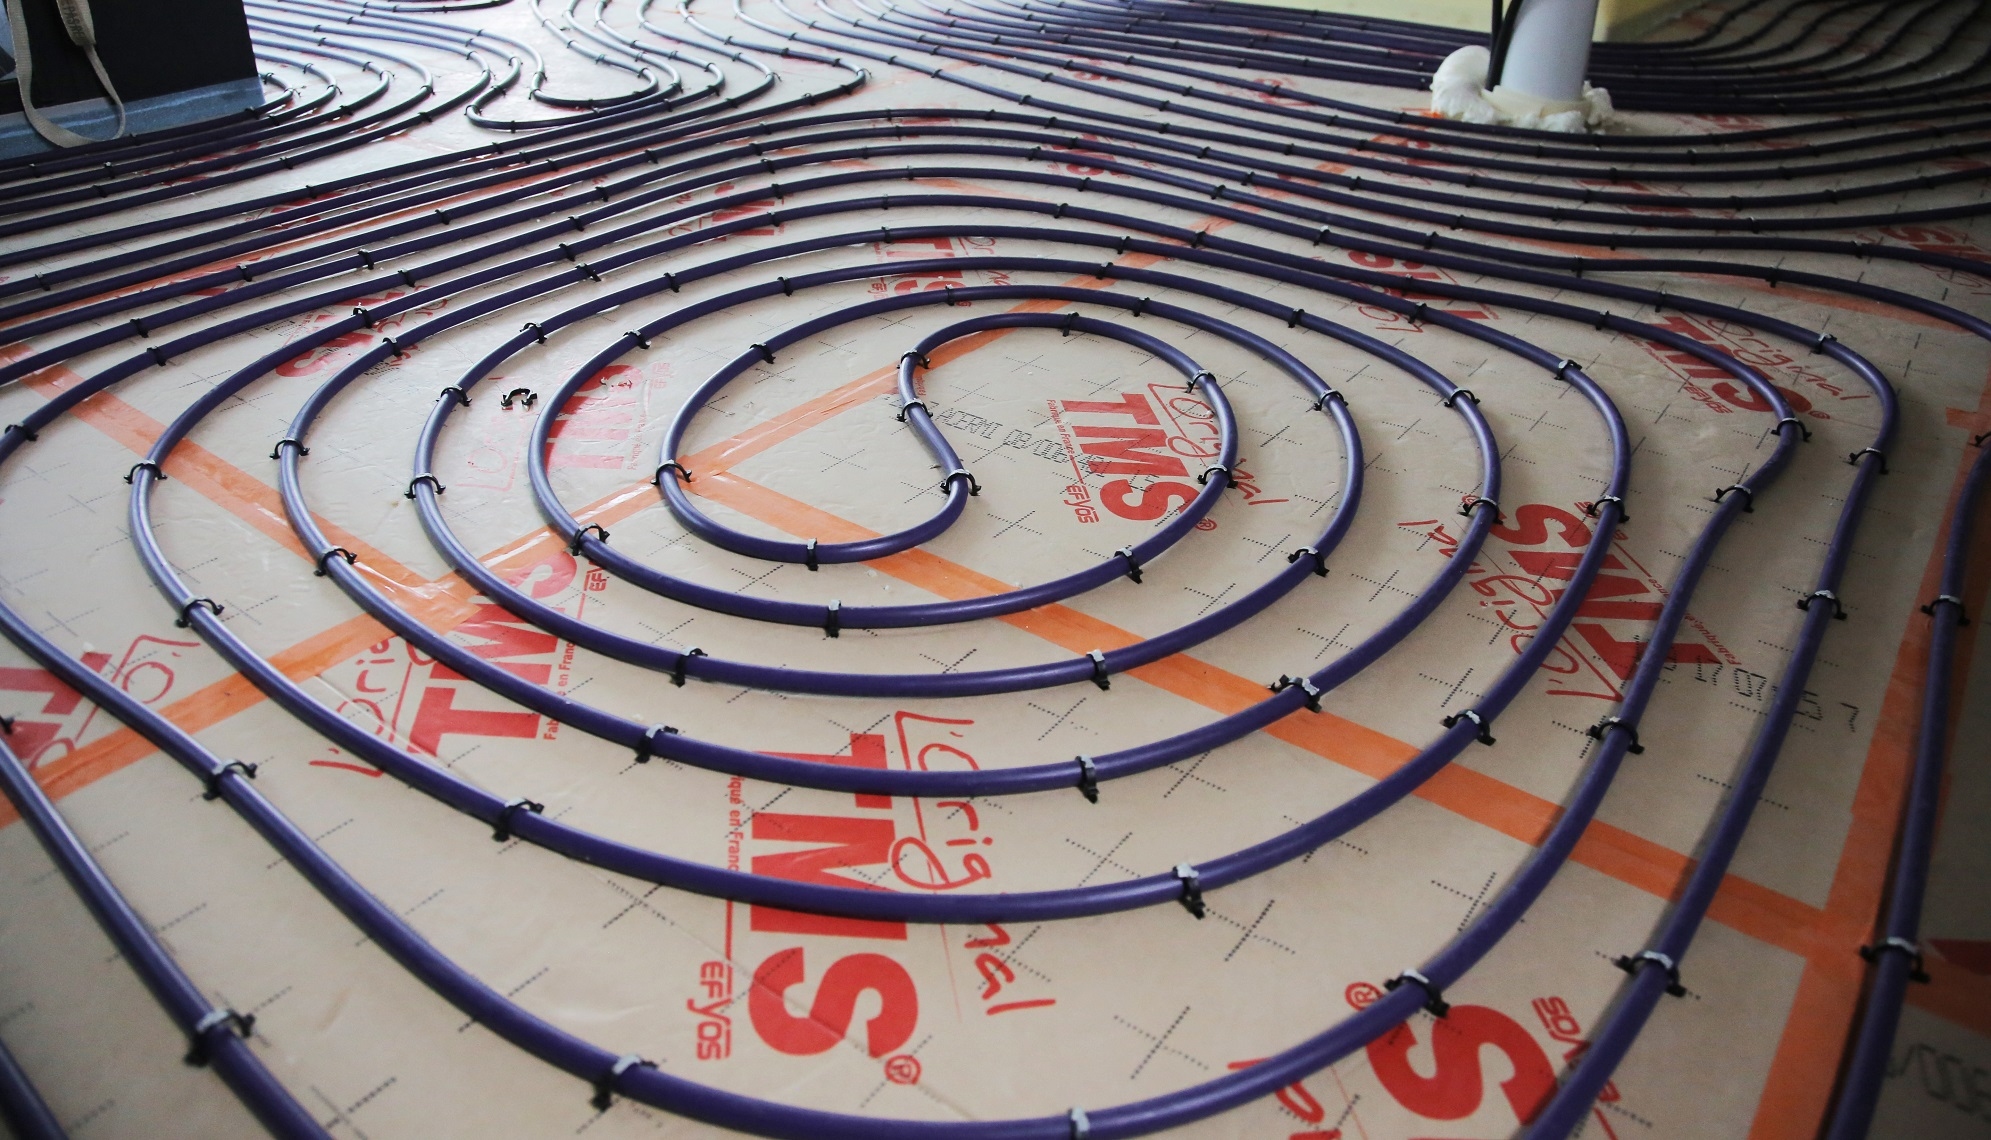 Carrelage Sur Plancher Chauffant Basse Temperature maison yrys : une chape fluide à forte réactivité pour les